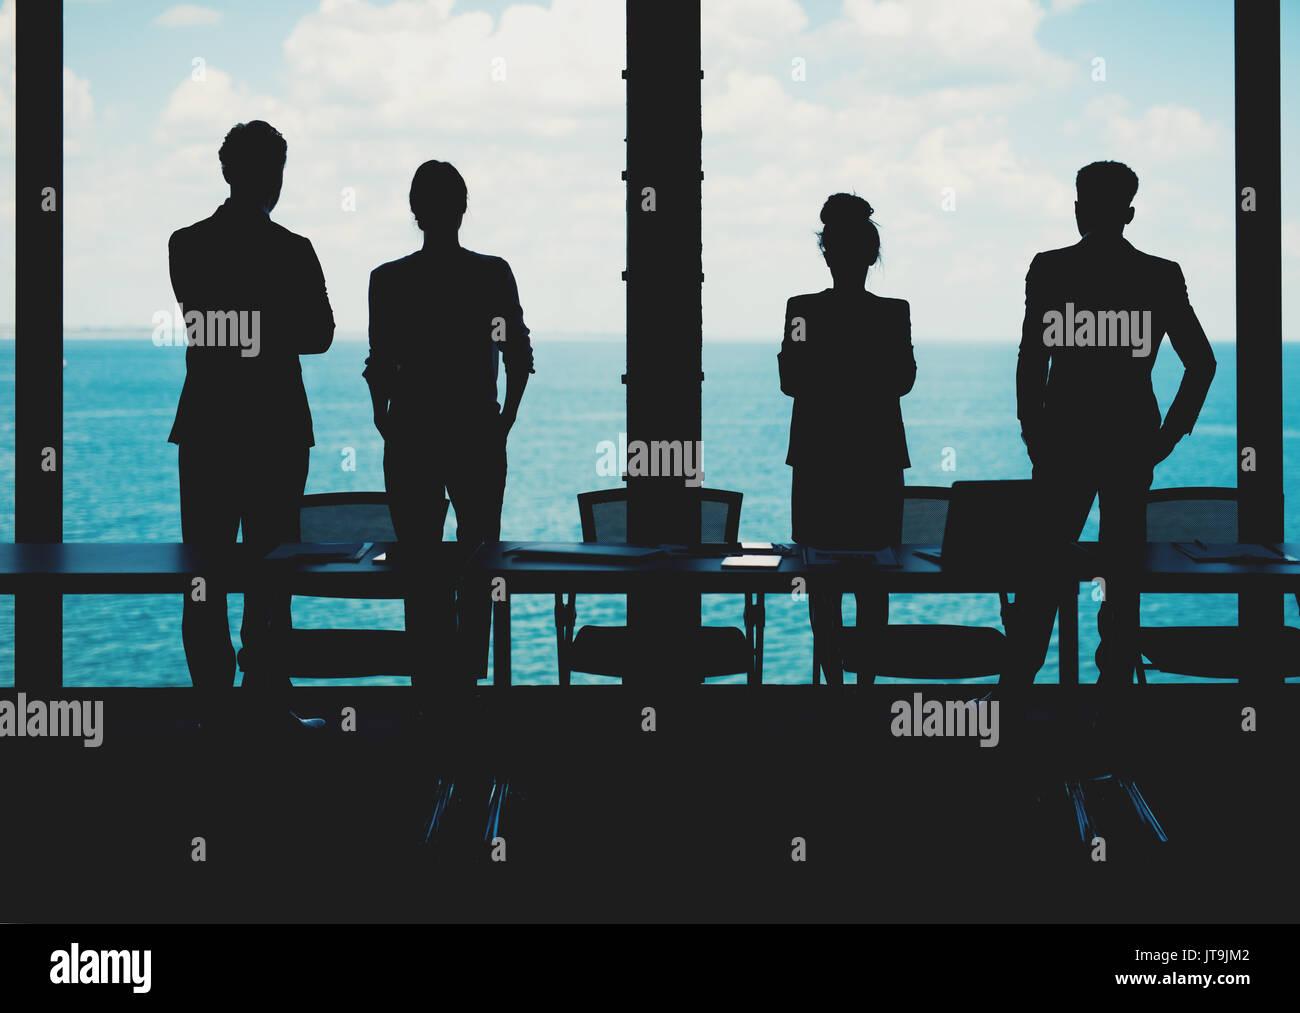 Grupo de negocios buscando socios para el futuro. Concepto de empresa y el inicio Imagen De Stock